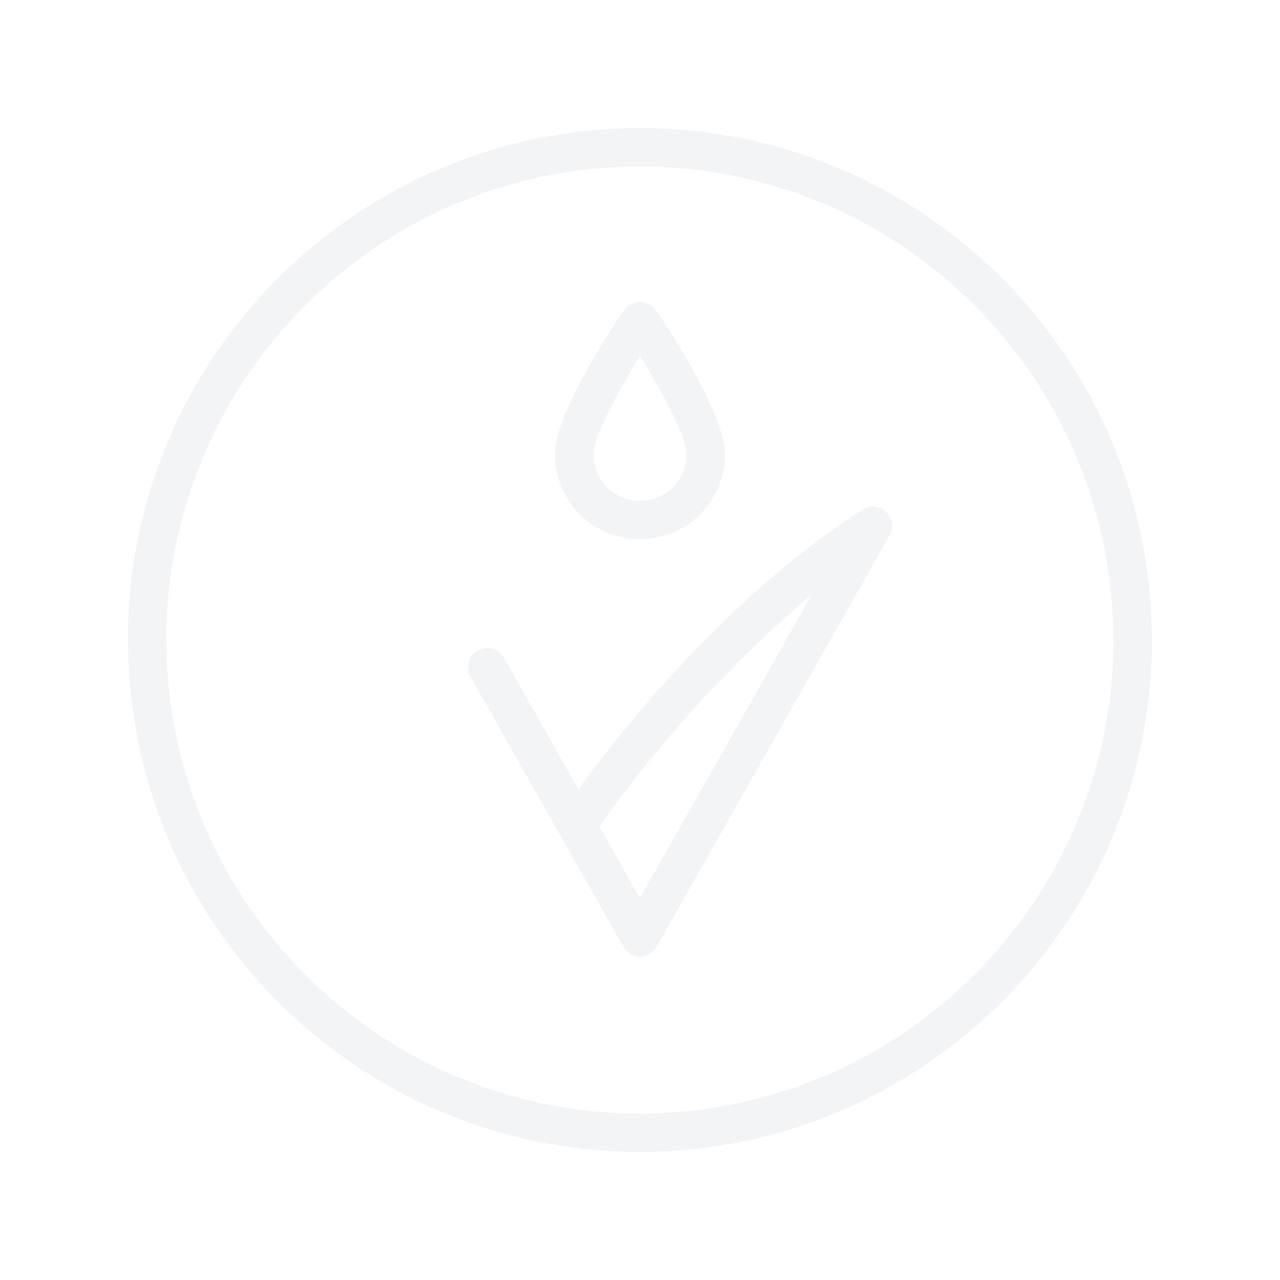 MACADAMIA Kohevust andev šampoon 300ml